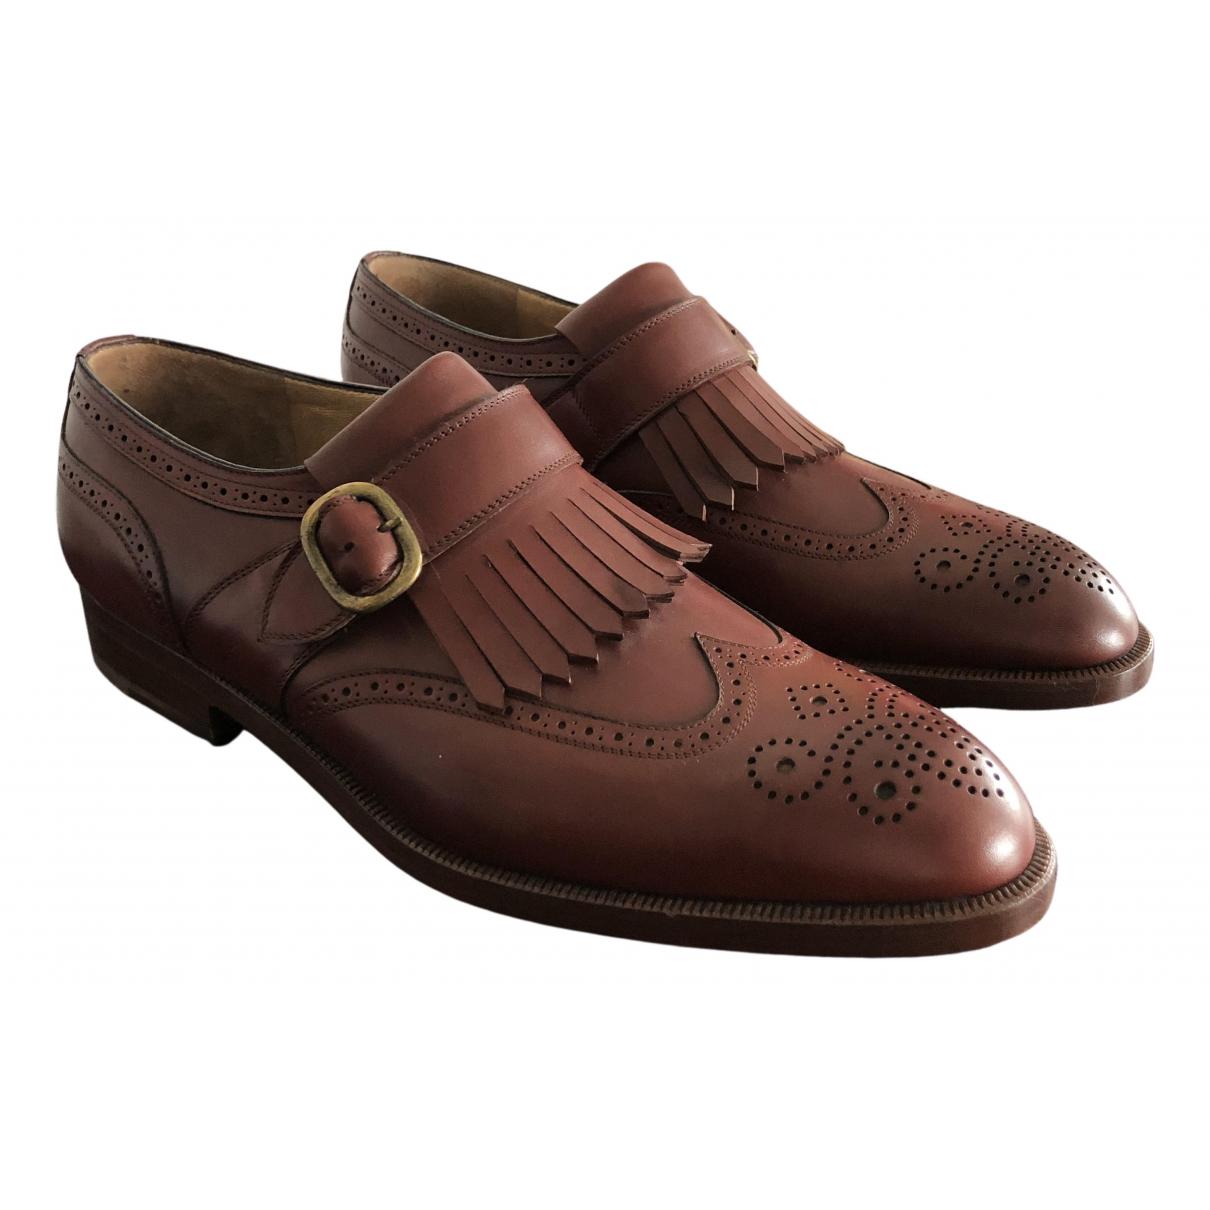 Fratelli Rossetti - Derbies   pour homme en cuir - marron